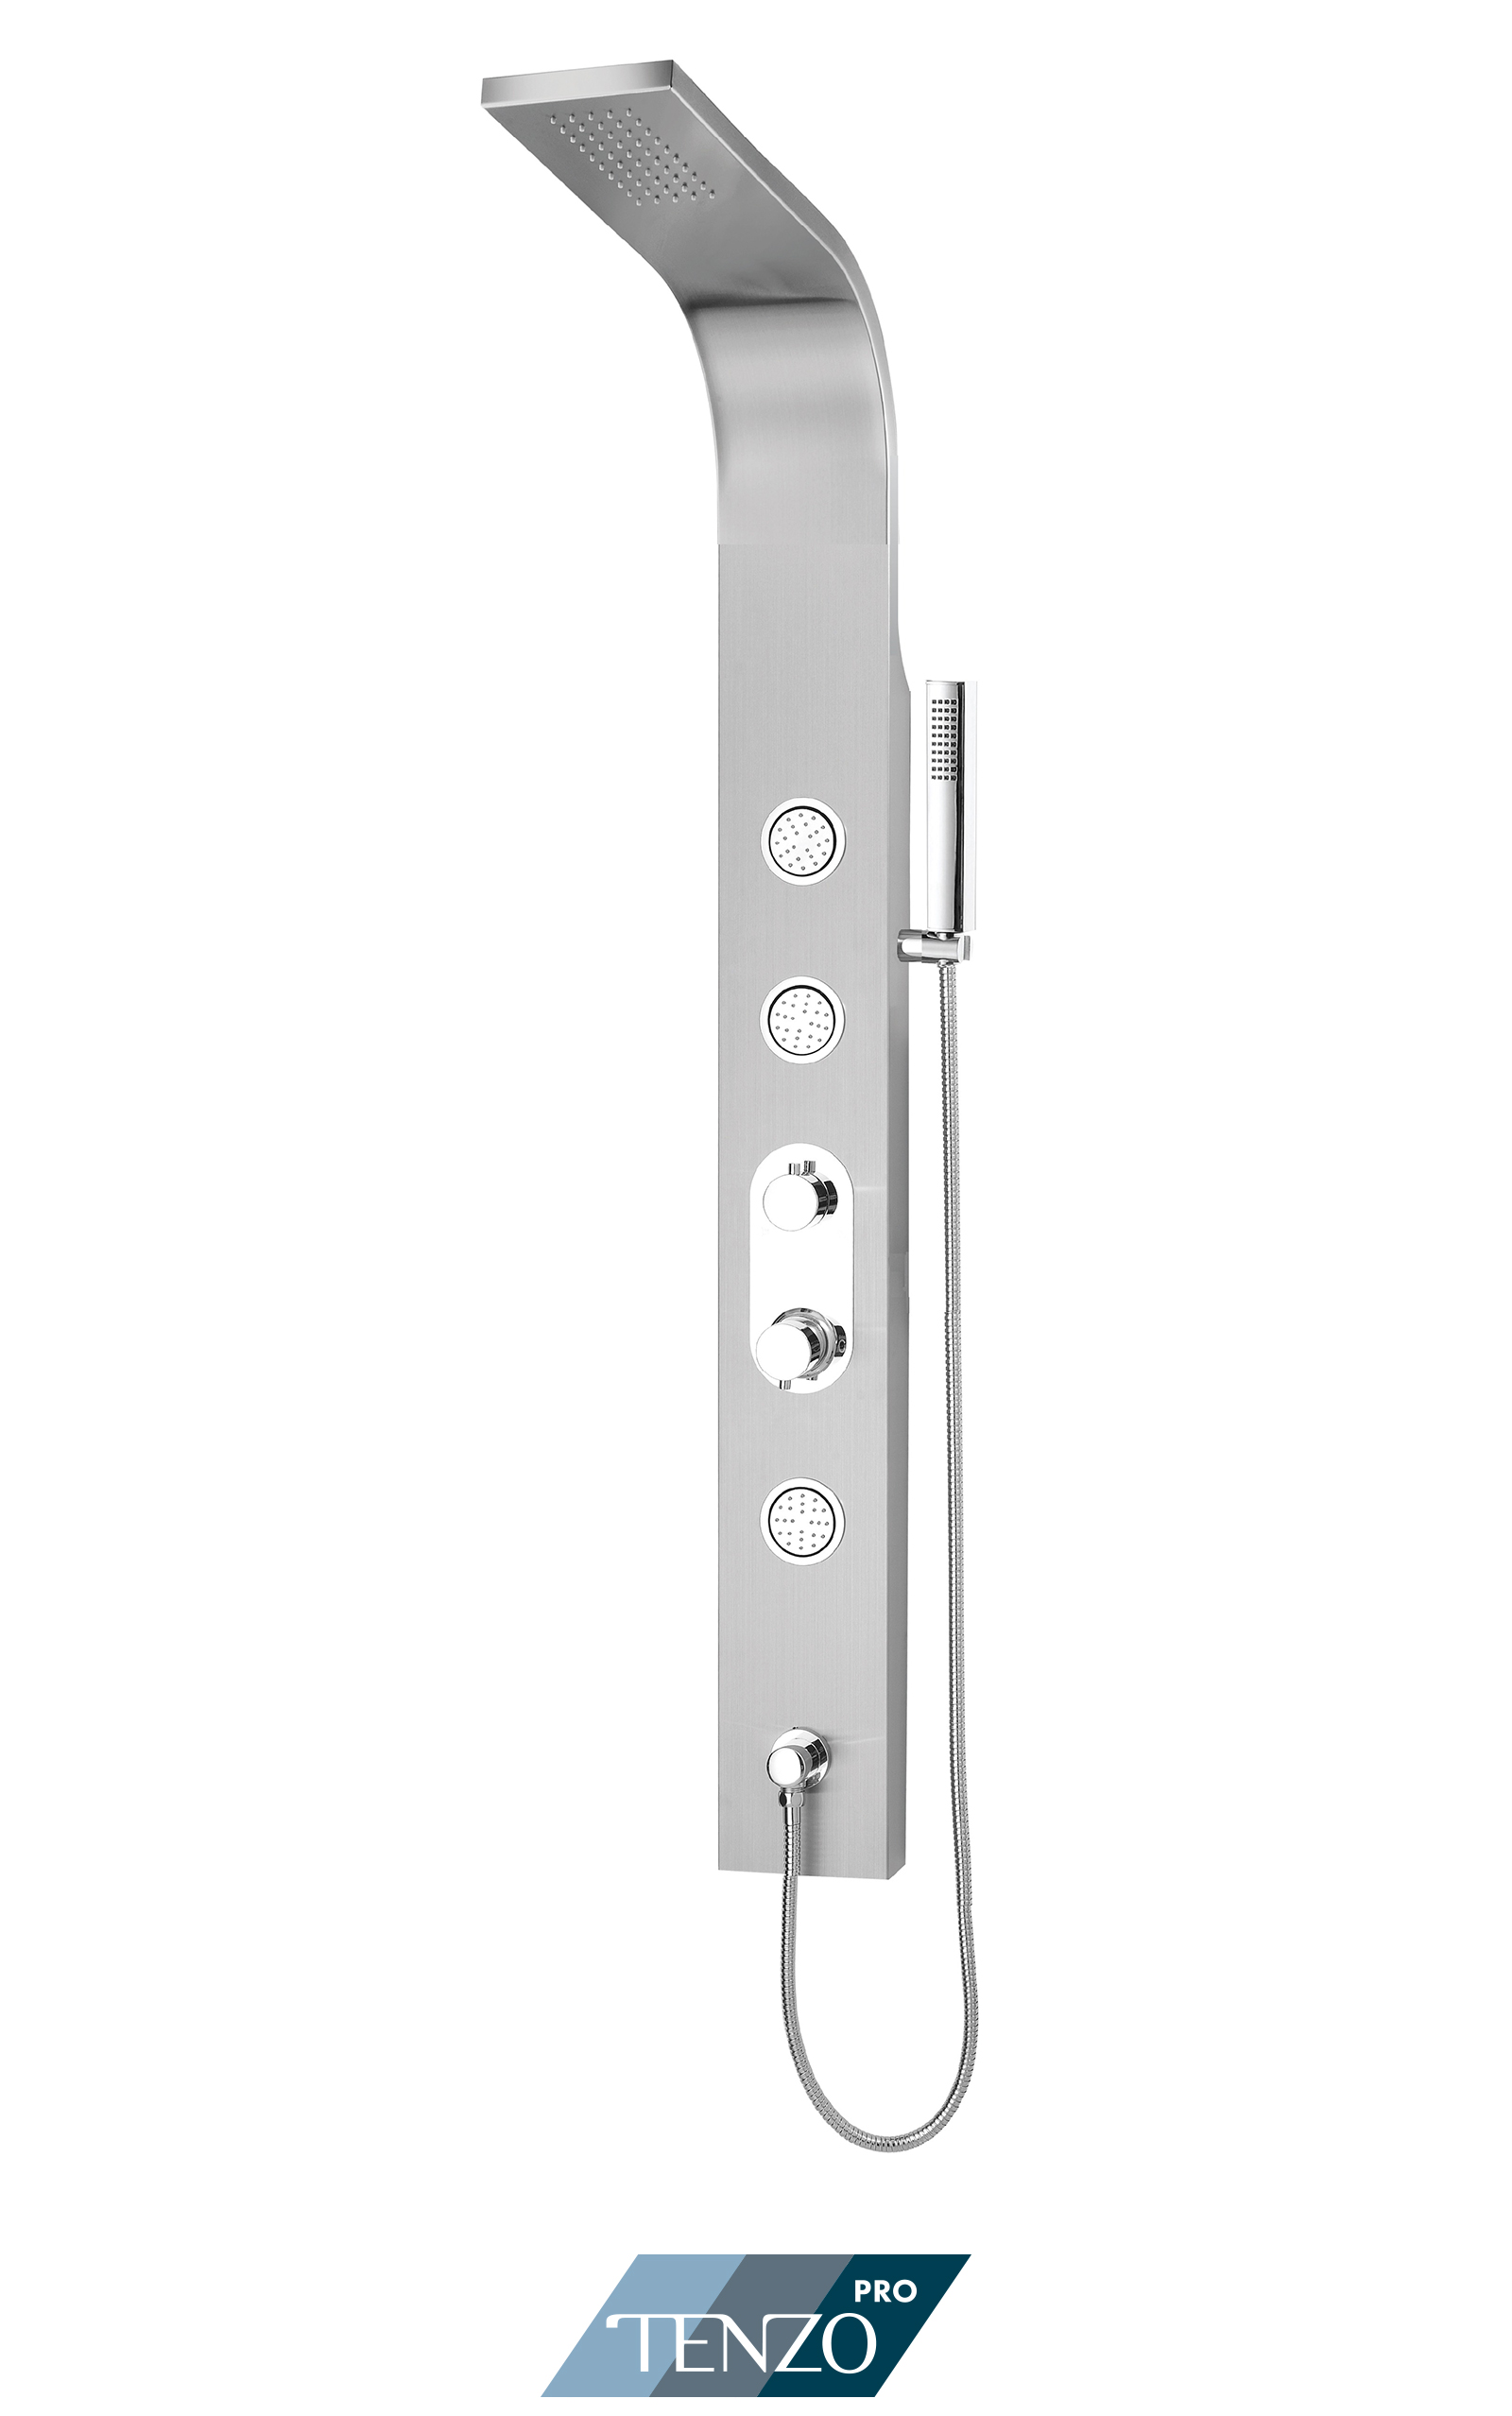 ETZST-52 - 3-Fonctions shower columns, Evolo